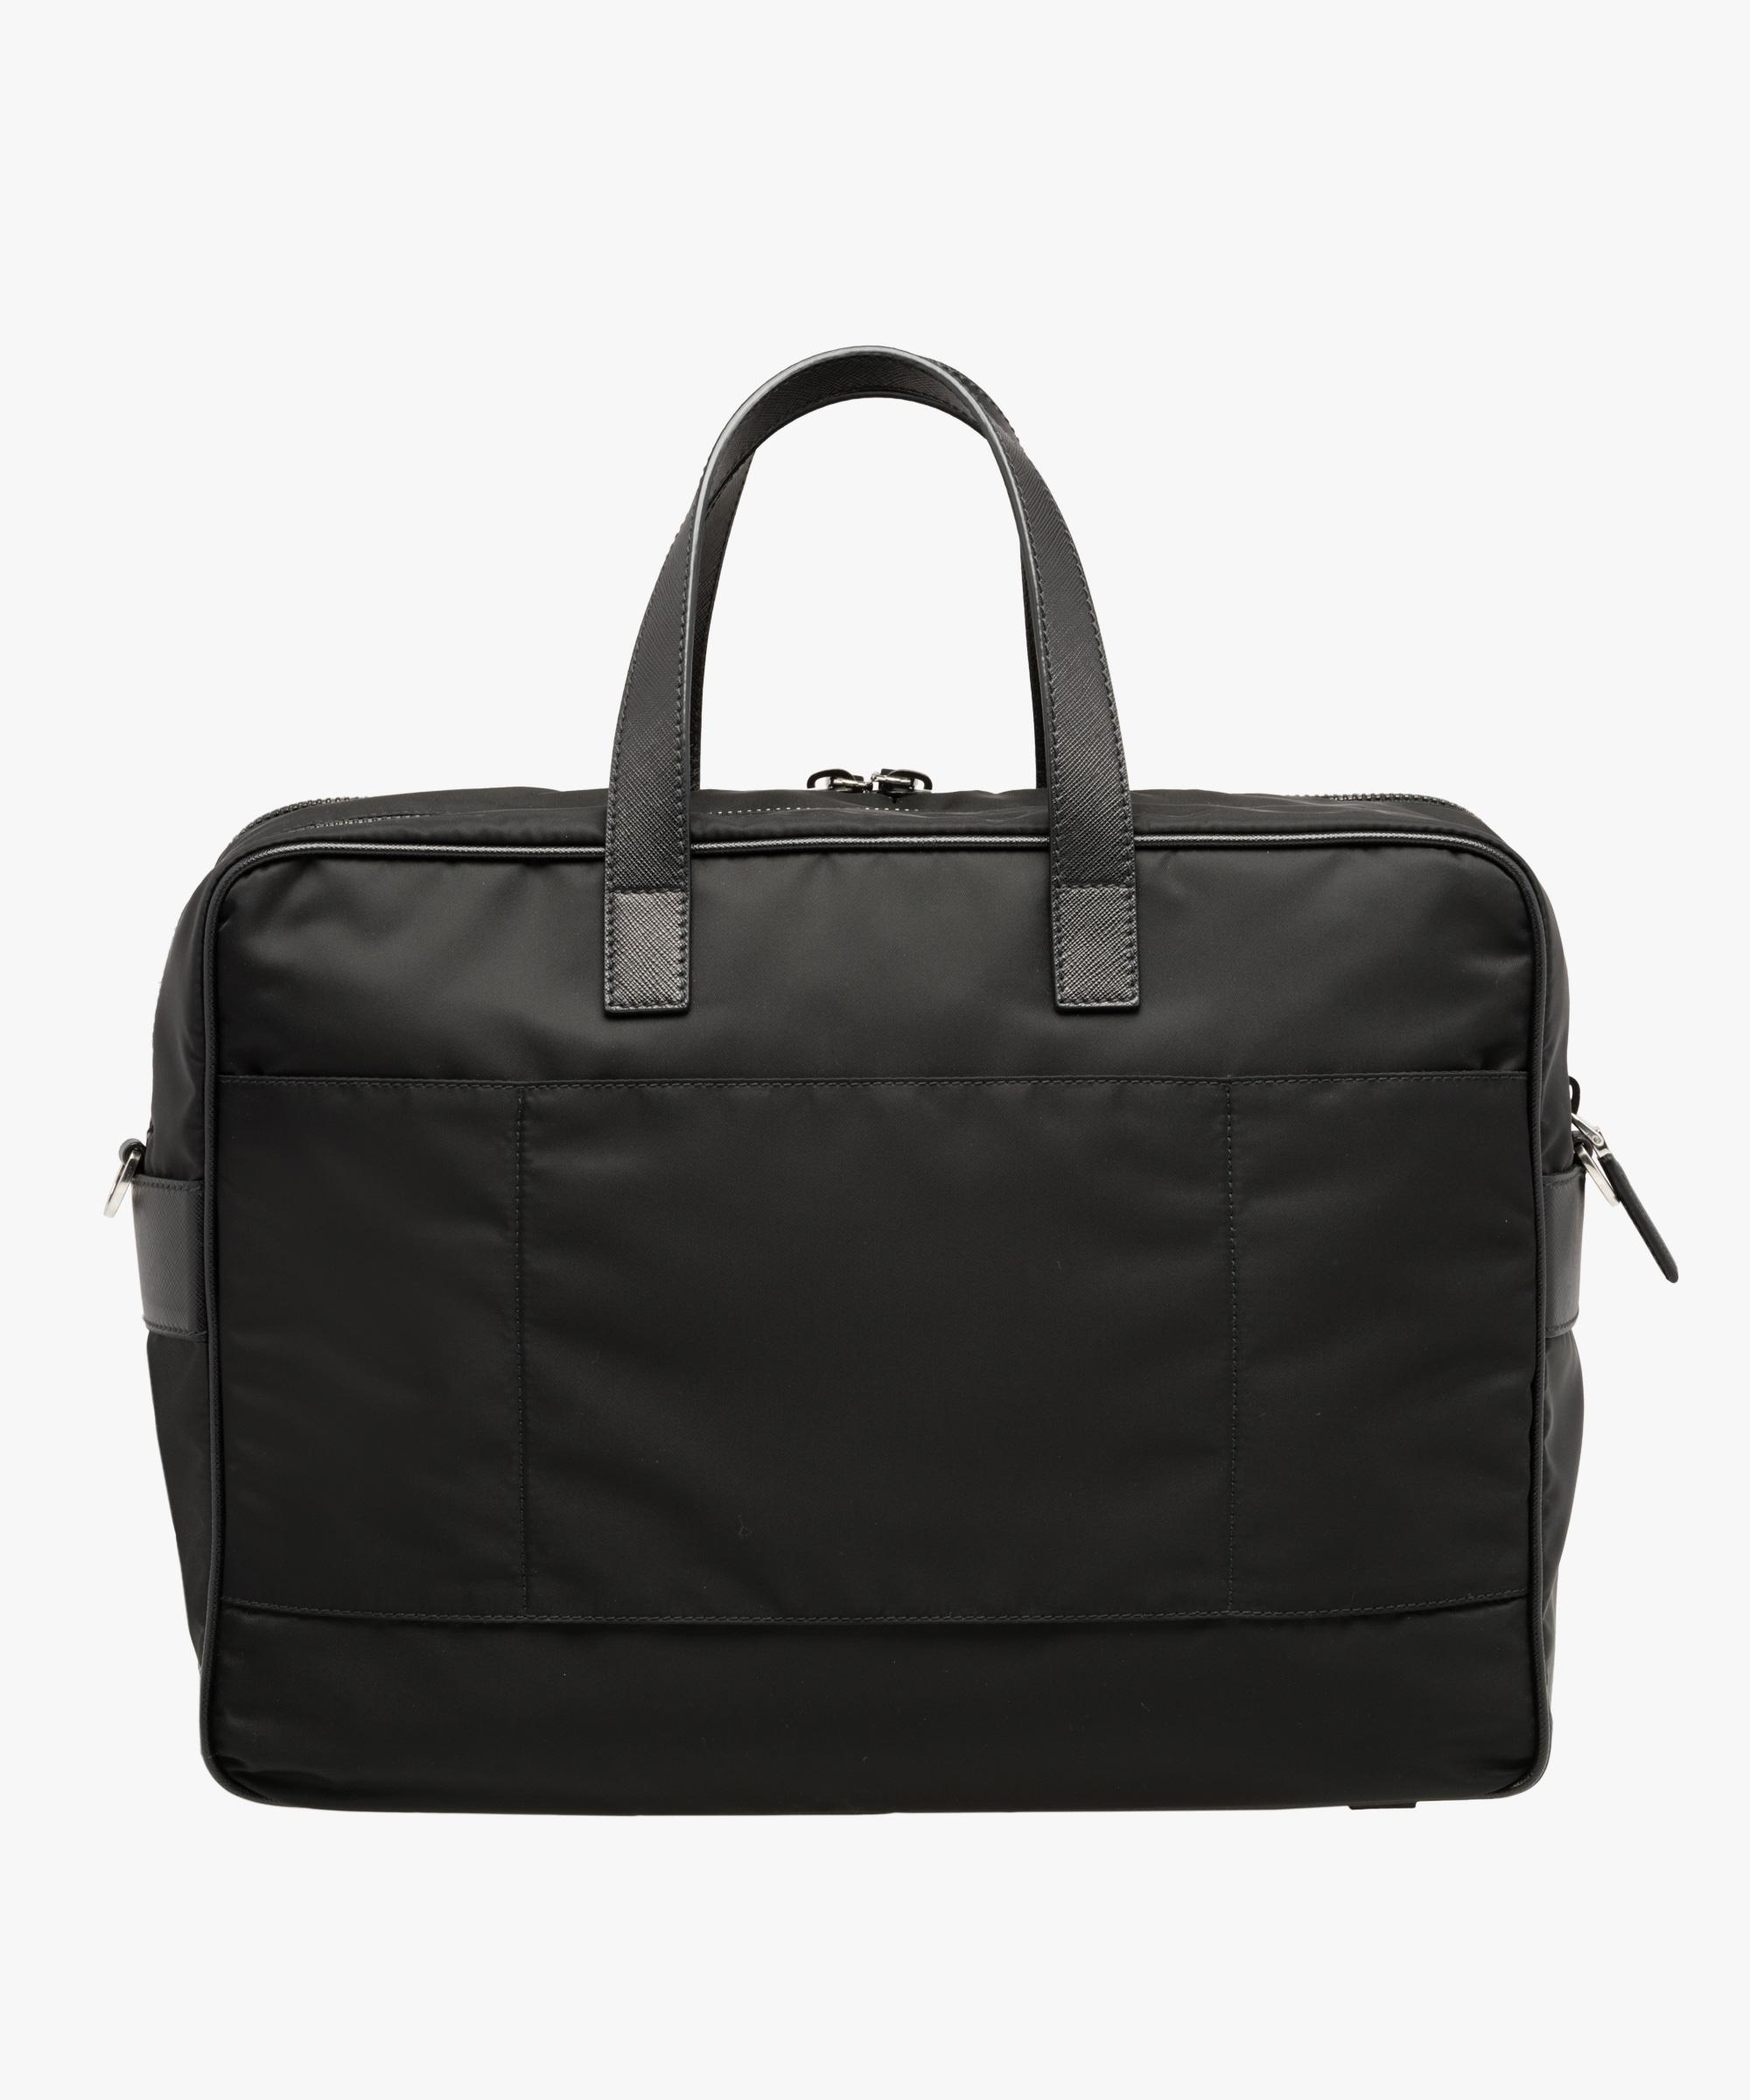 9c16de0e9e6f ... Nylon Laptop Bag Prada BLACK ...